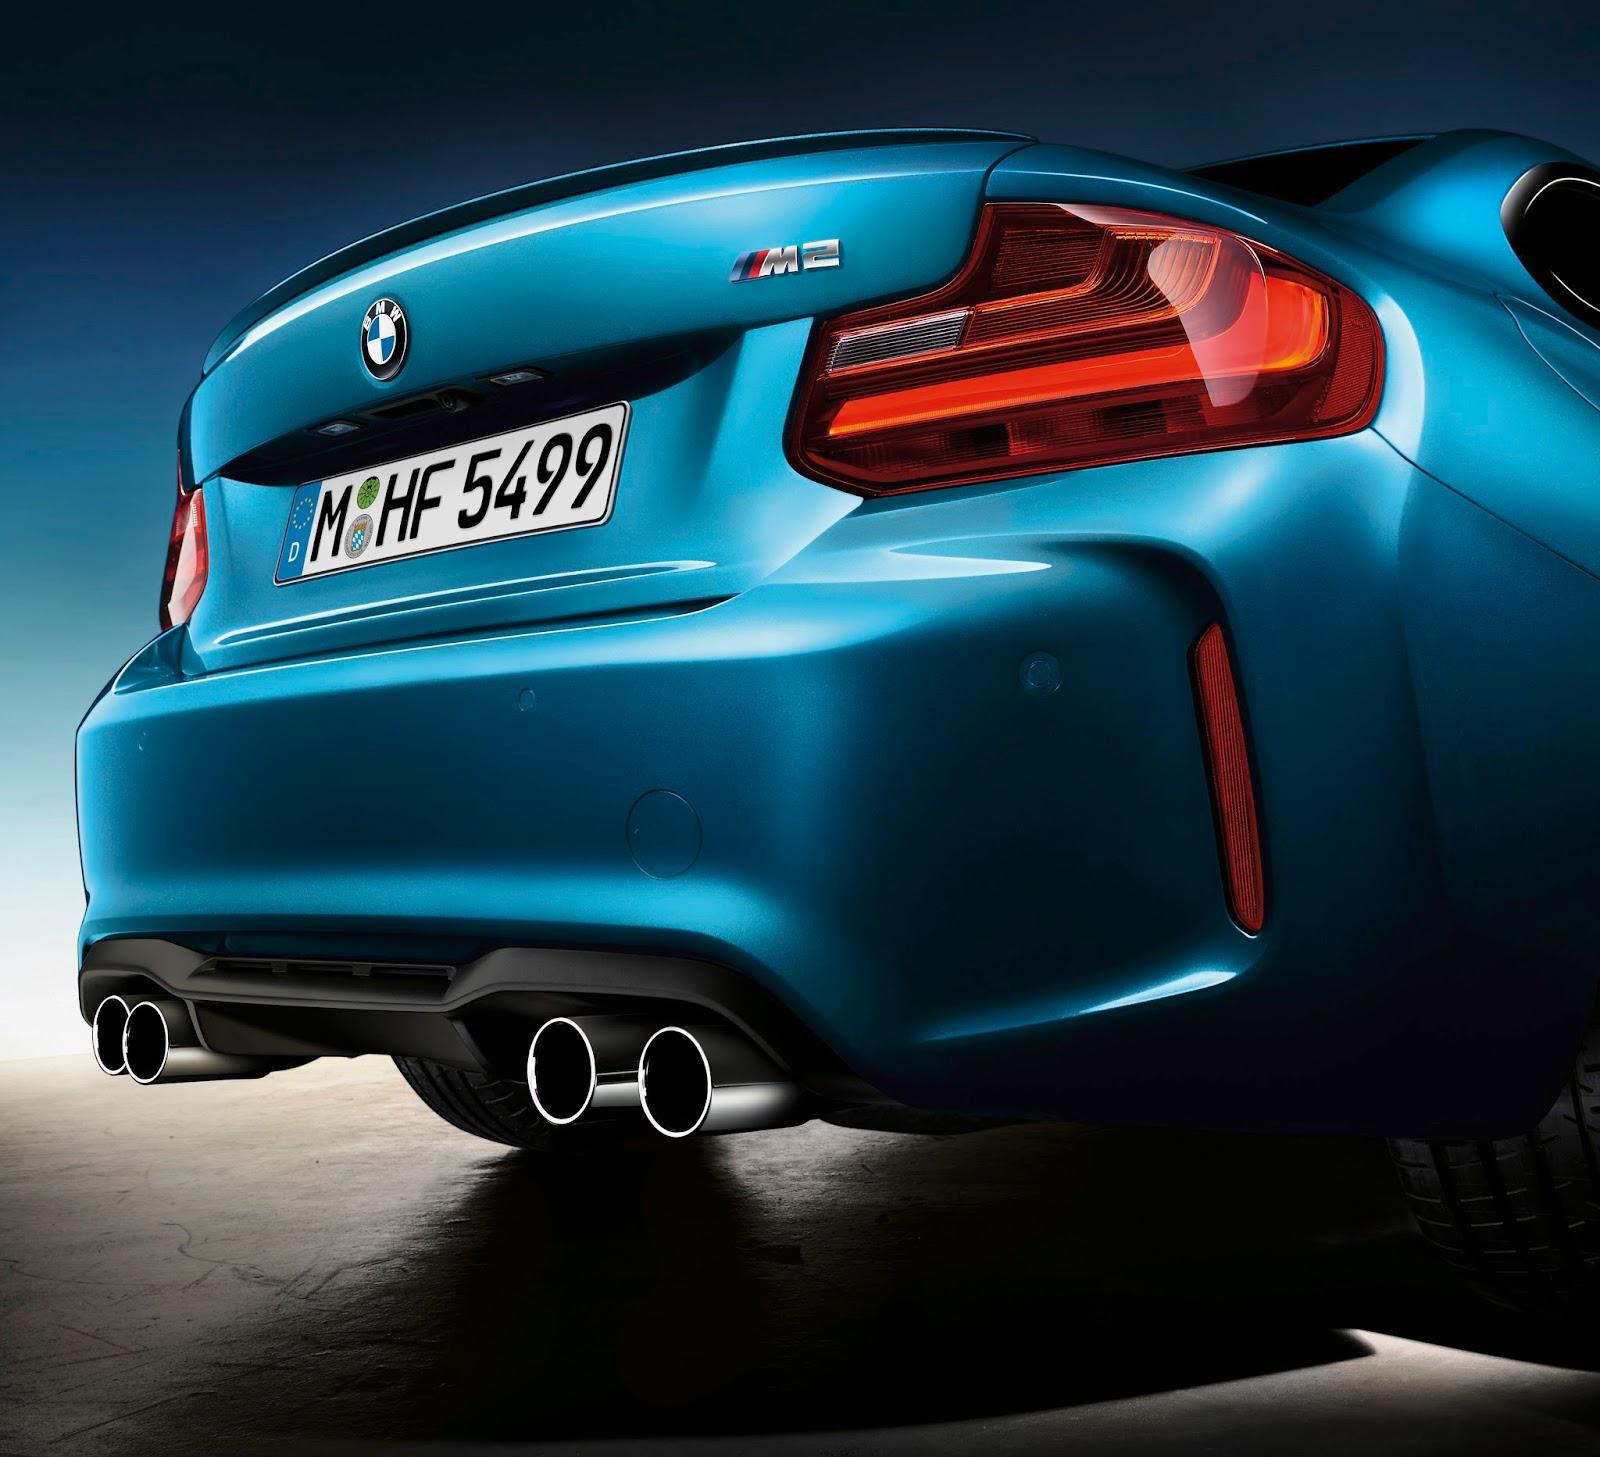 P90199714 highRes the new bmw m2 coupe Η BMW το 2016 θα γιορτάσει 100 χρόνια ζωής με μια σειρά από εκδηλώσεις και παρουσιάσεις... Mοντέλων